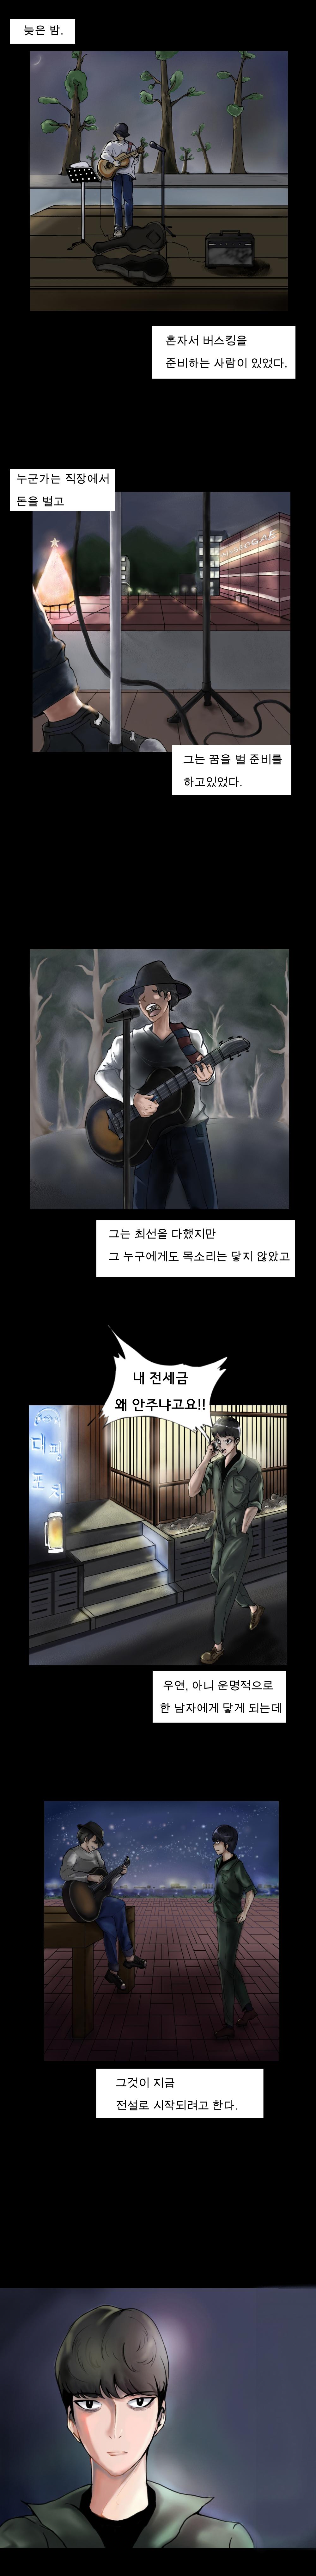 김경현.jpg